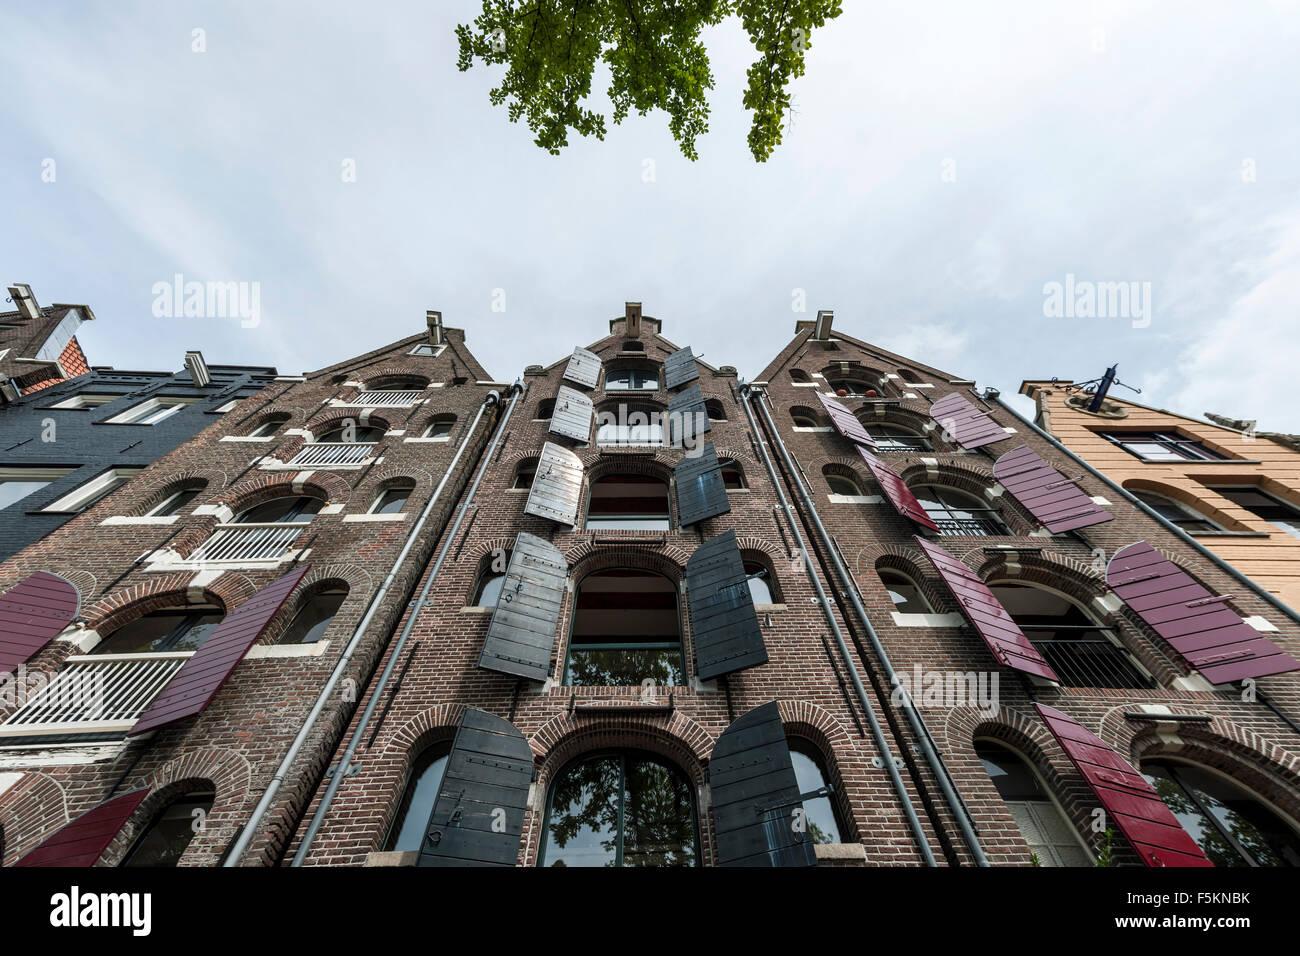 Maisons du canal dans la vieille ville, Amsterdam, Pays-Bas Photo Stock